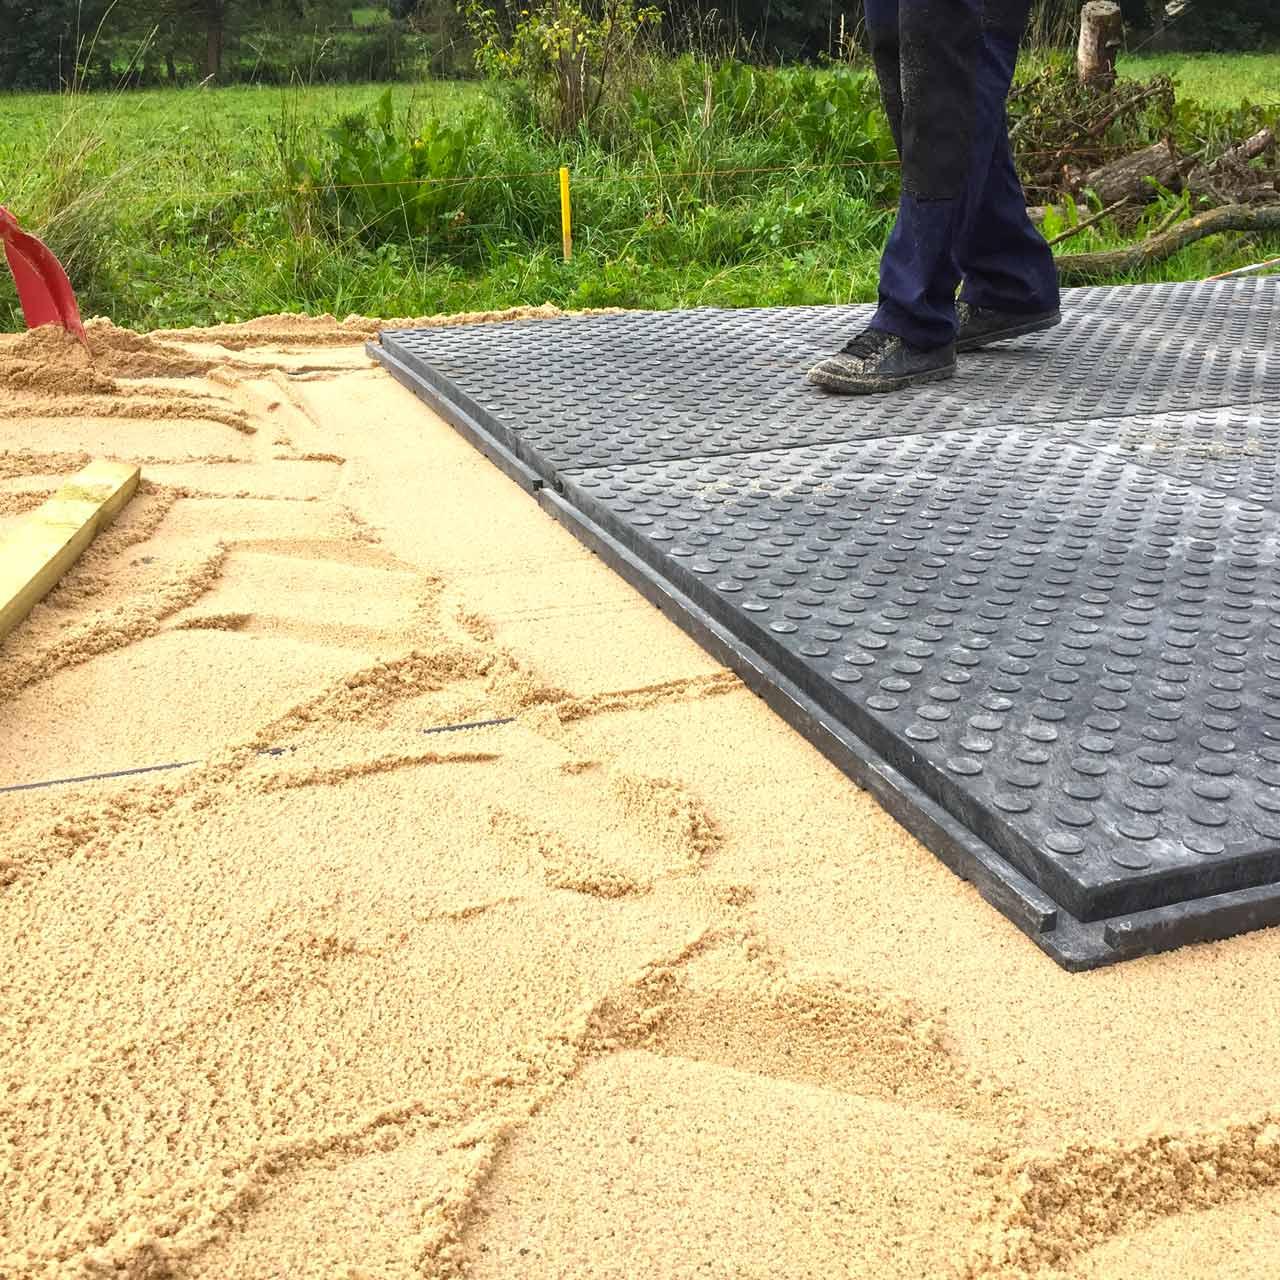 Bodenmatten Statt Holzboden Als Isolierender Fussboden Fur Ein